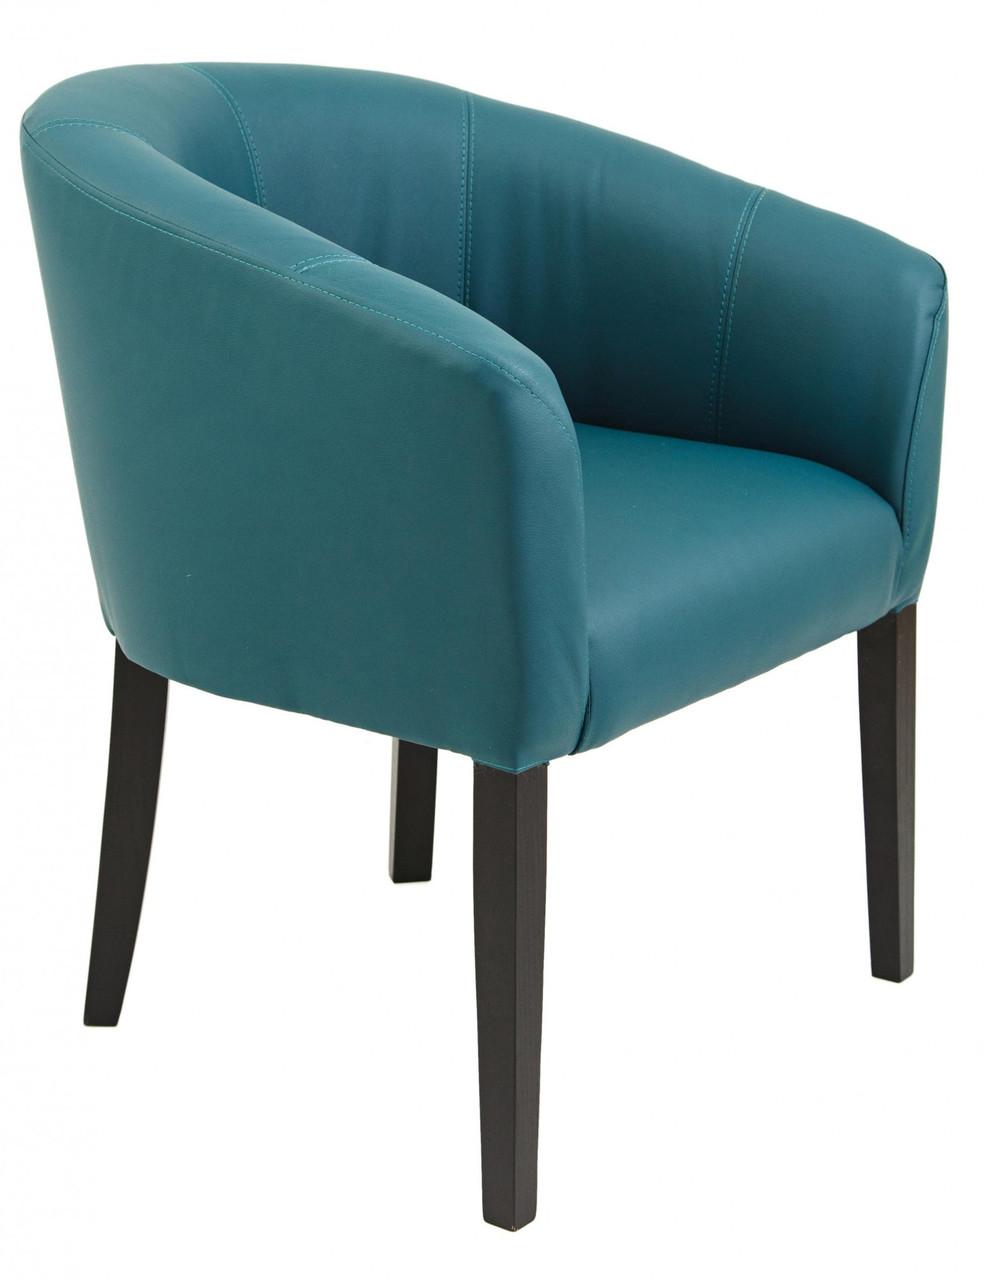 Кресло Richman Версаль 65 x 65 x 75H Флай 2215 Зеленое